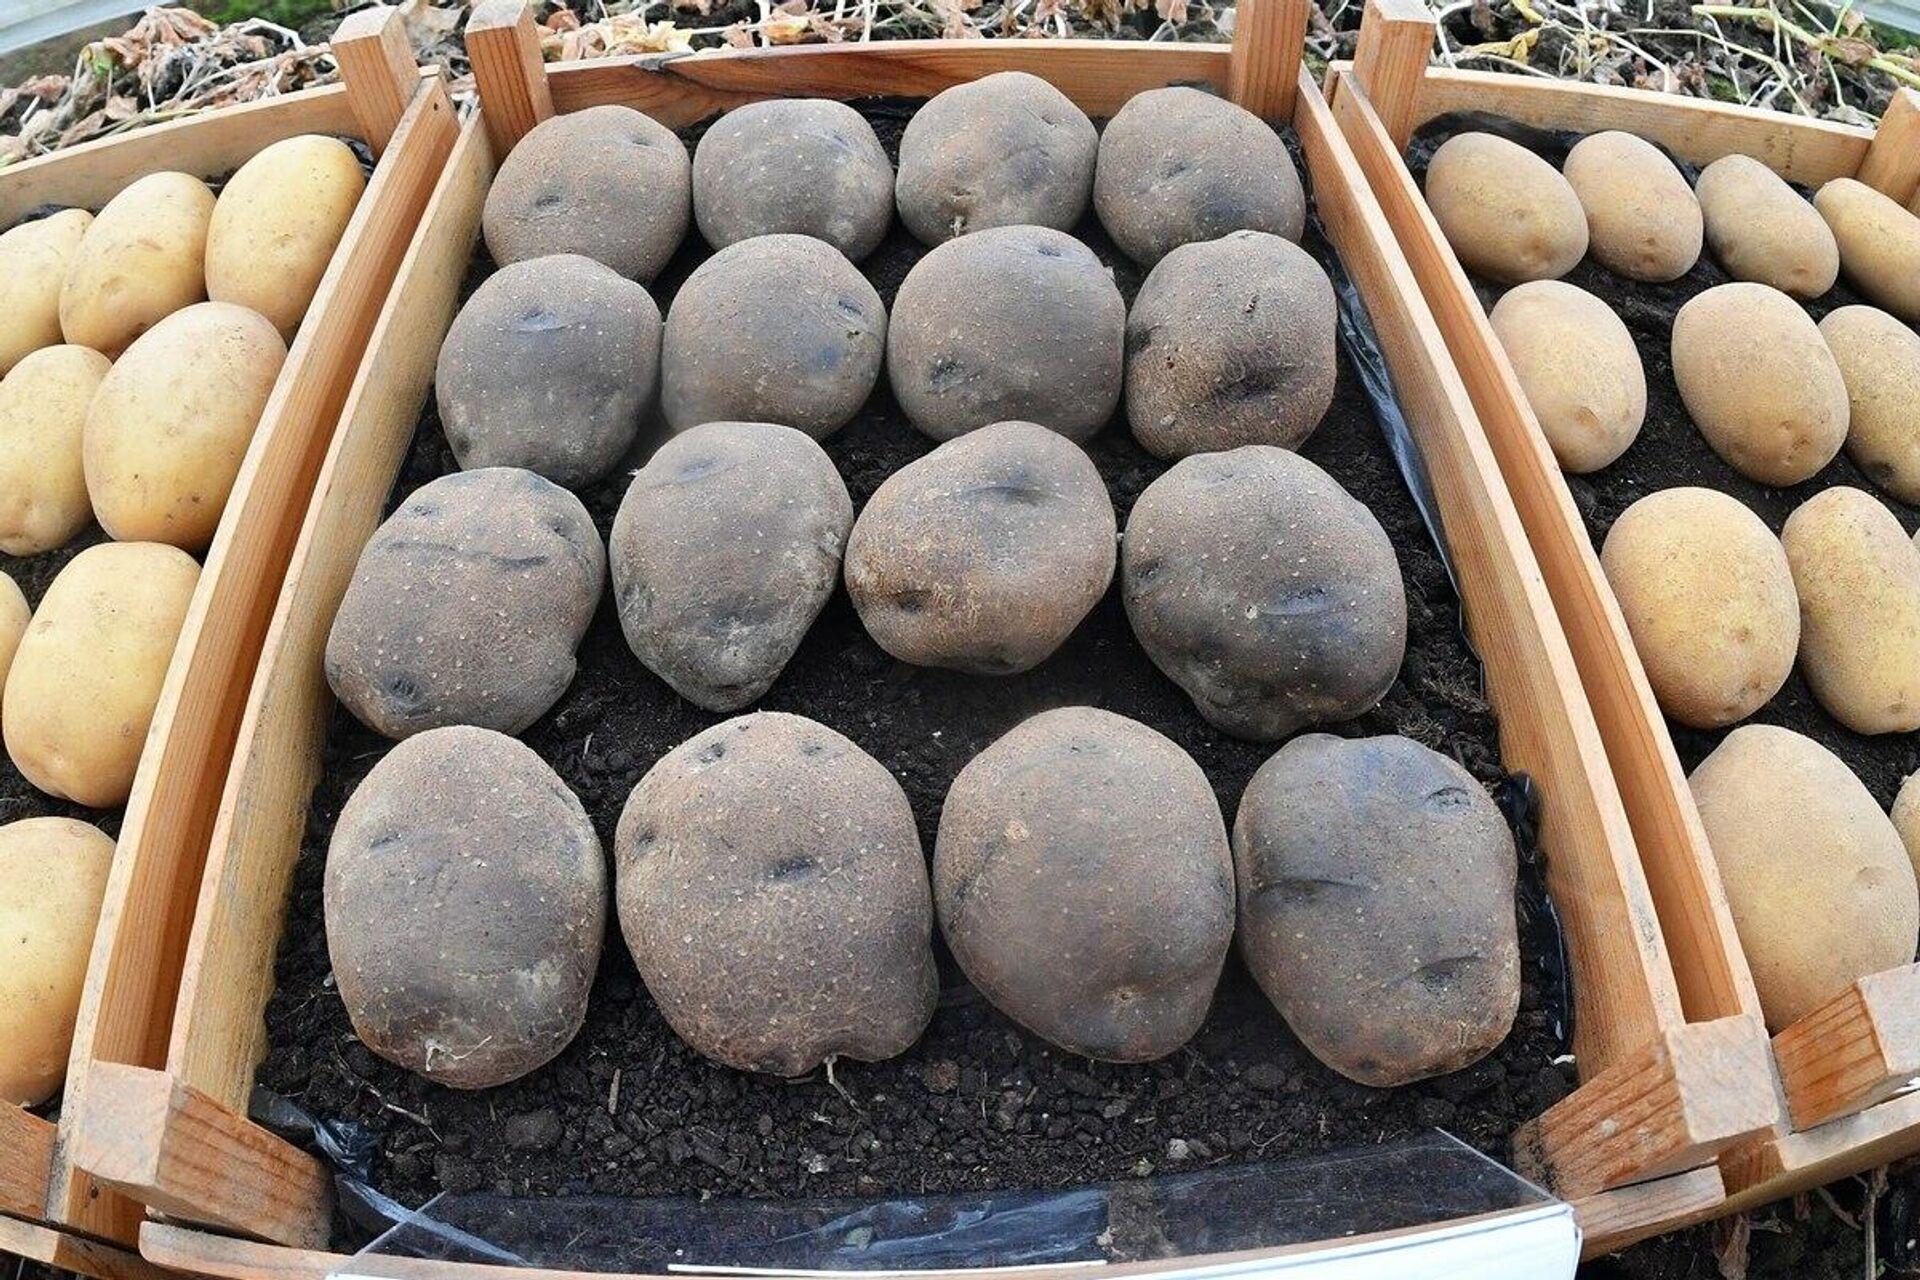 Белорусский сорт картофеля Сапфир может служить в качестве натурального пищевого красителя - Sputnik Беларусь, 1920, 07.10.2021